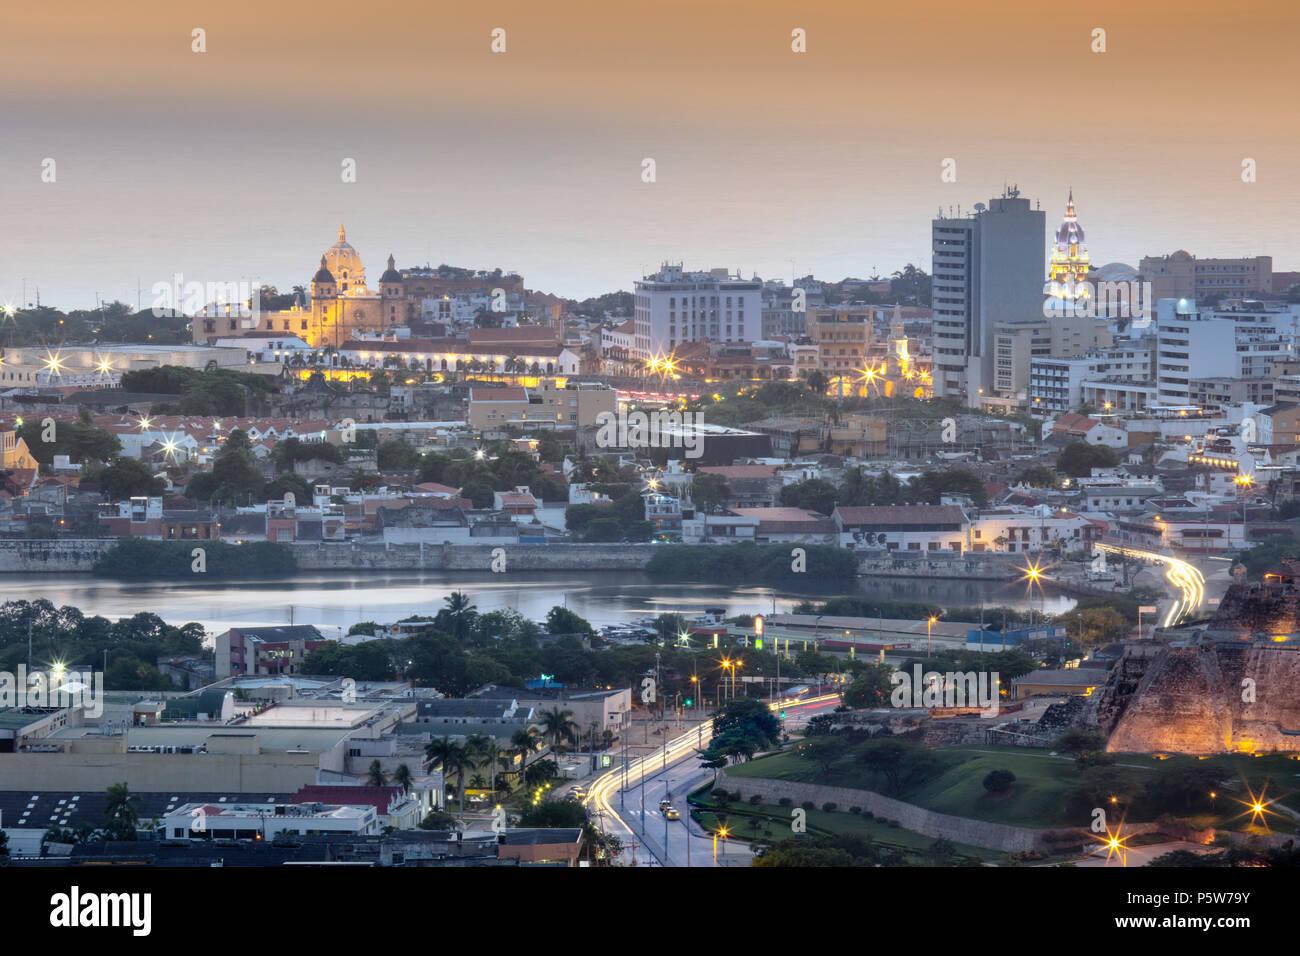 El horizonte del histórico centro de Patrimonio Mundial de la Unesco de la ciudad de Cartagena, en la costa caribeña de Colombia, Sur America Foto de stock